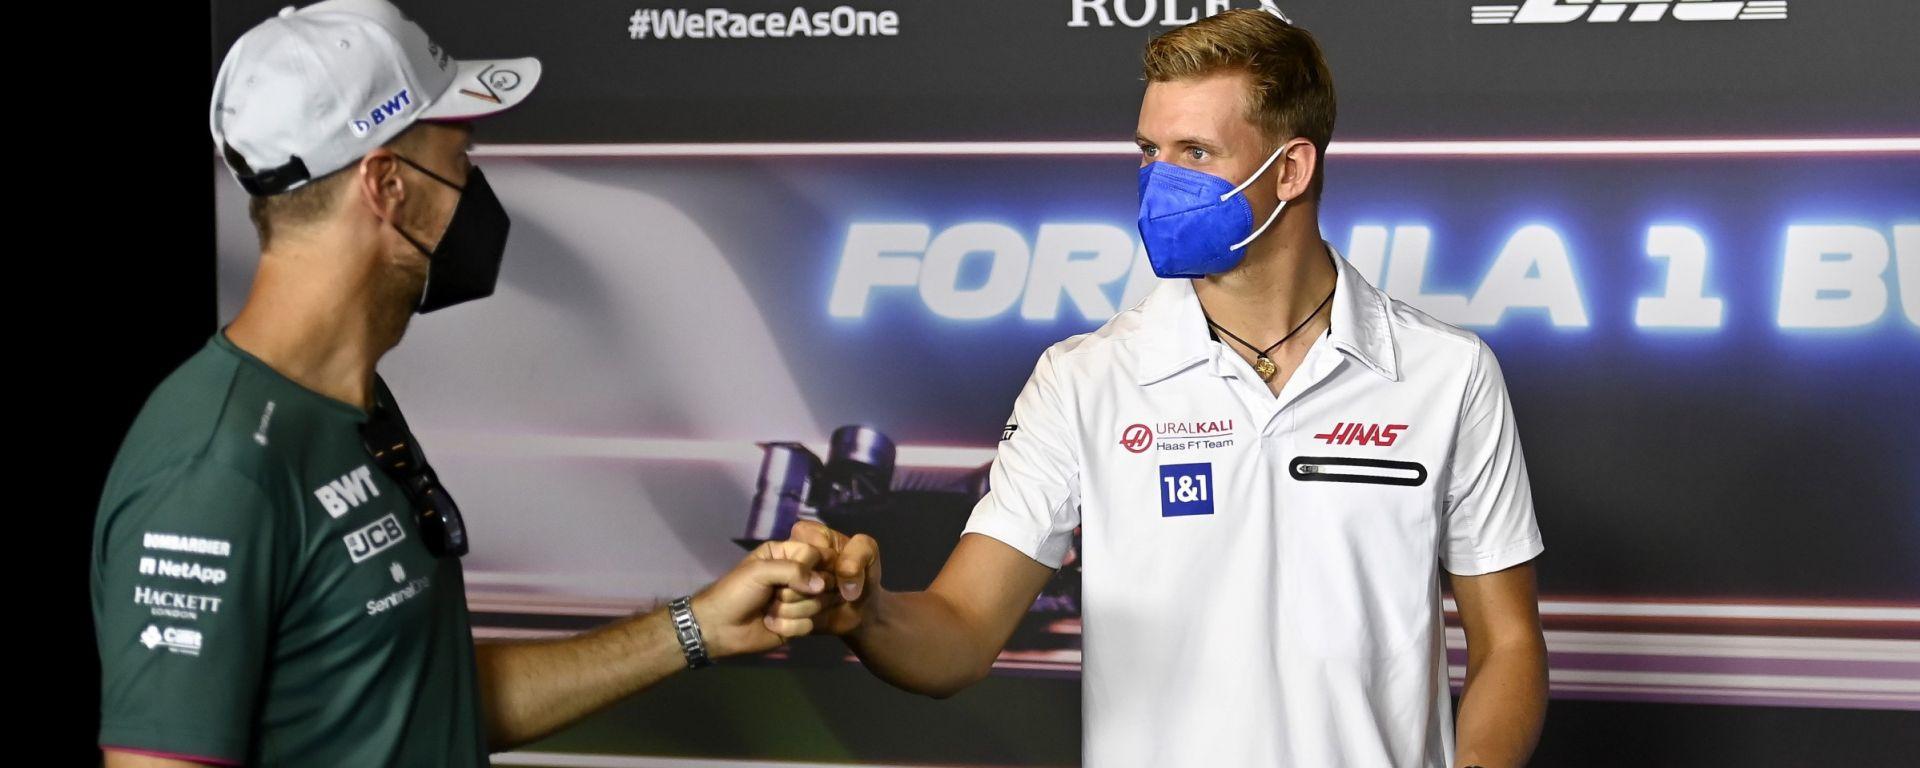 F1, GP Austria 2021: Sebastian Vettel e Mick Schumacher in conferenza stampa